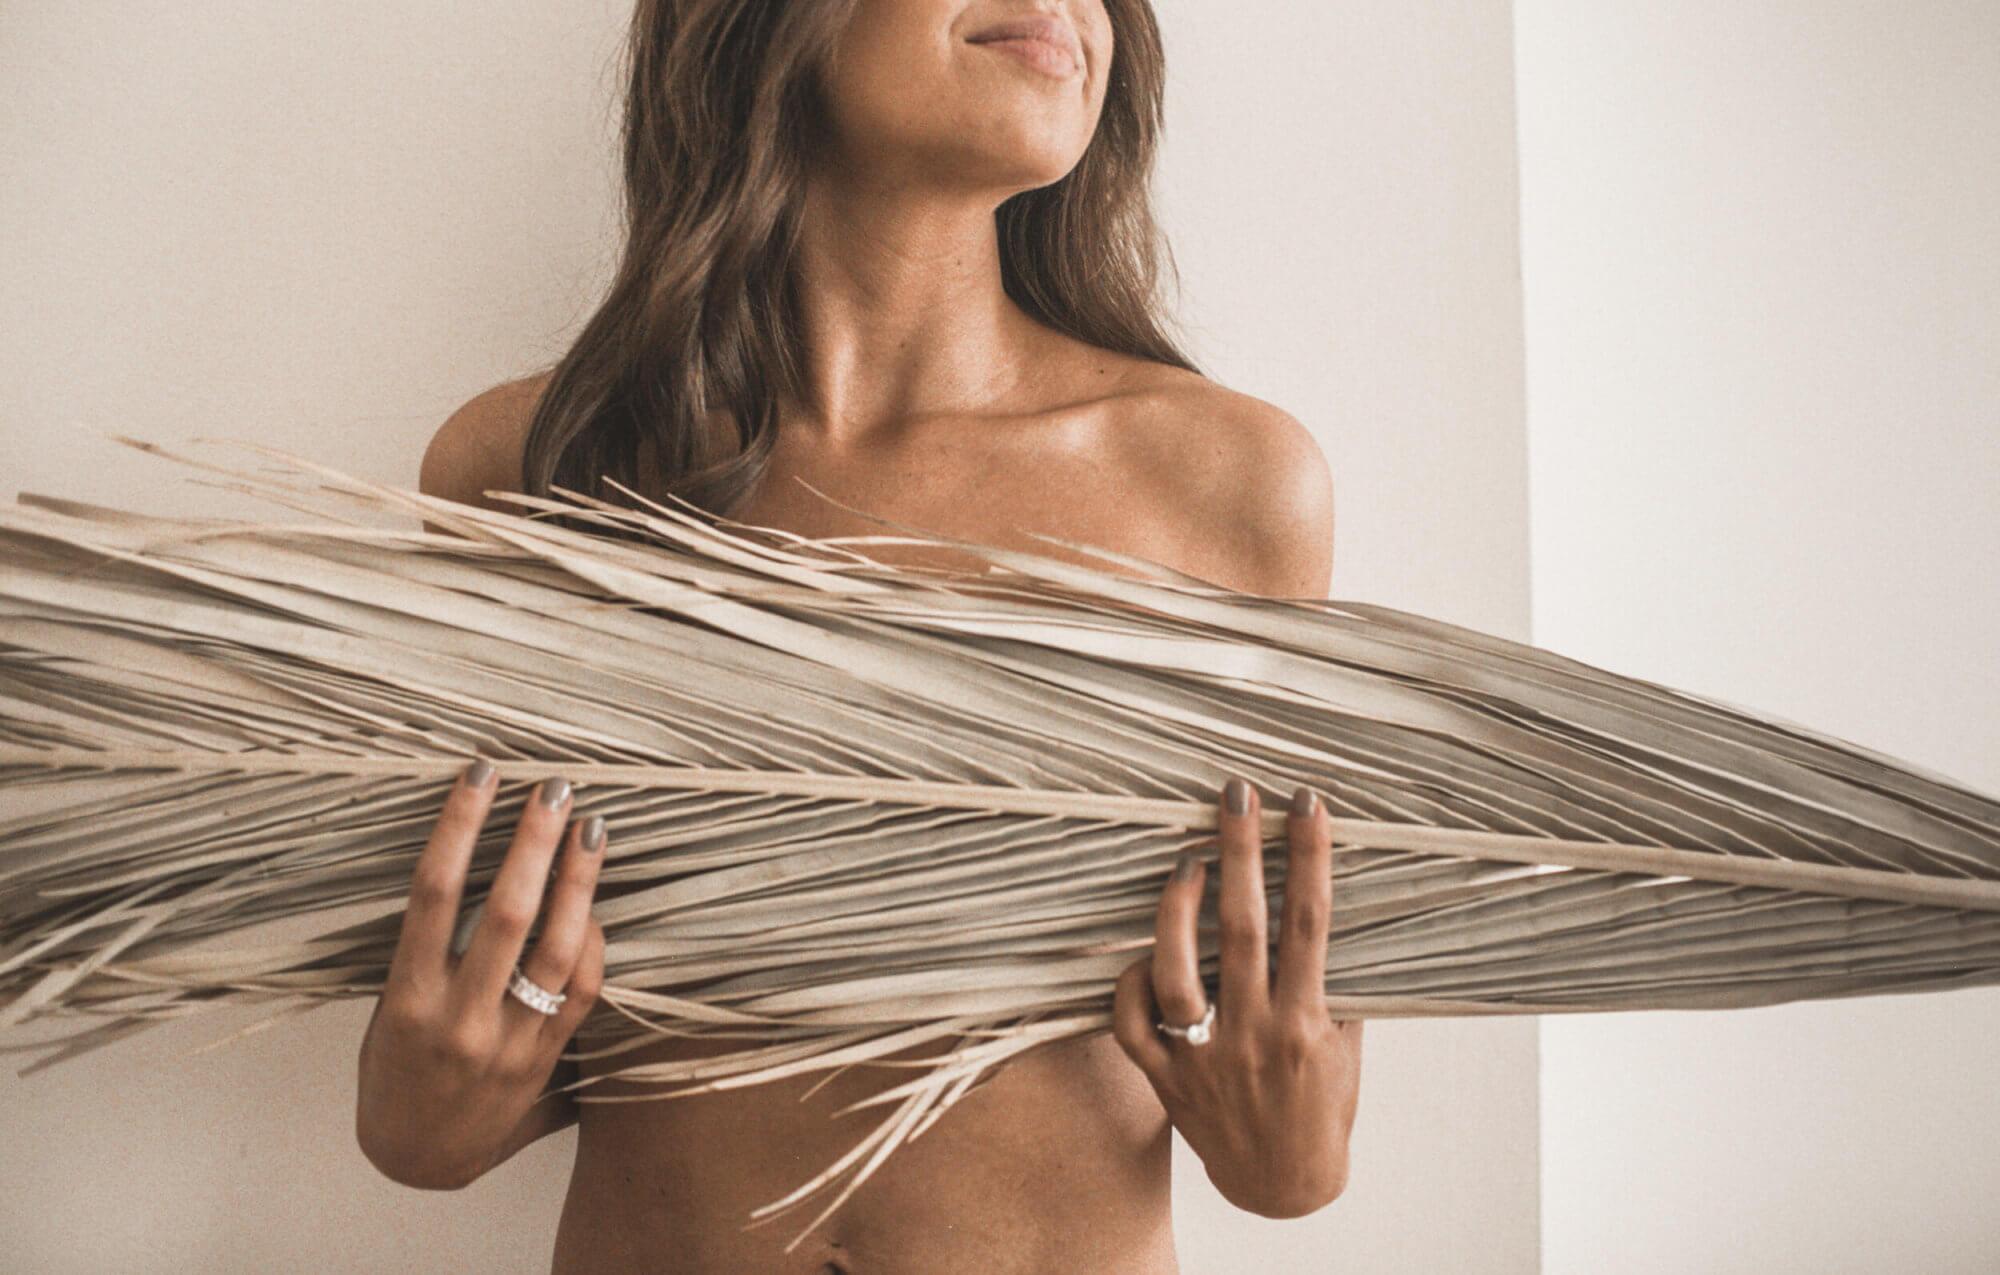 Sexting i intymne fotki – co musisz o tym wiedzieć